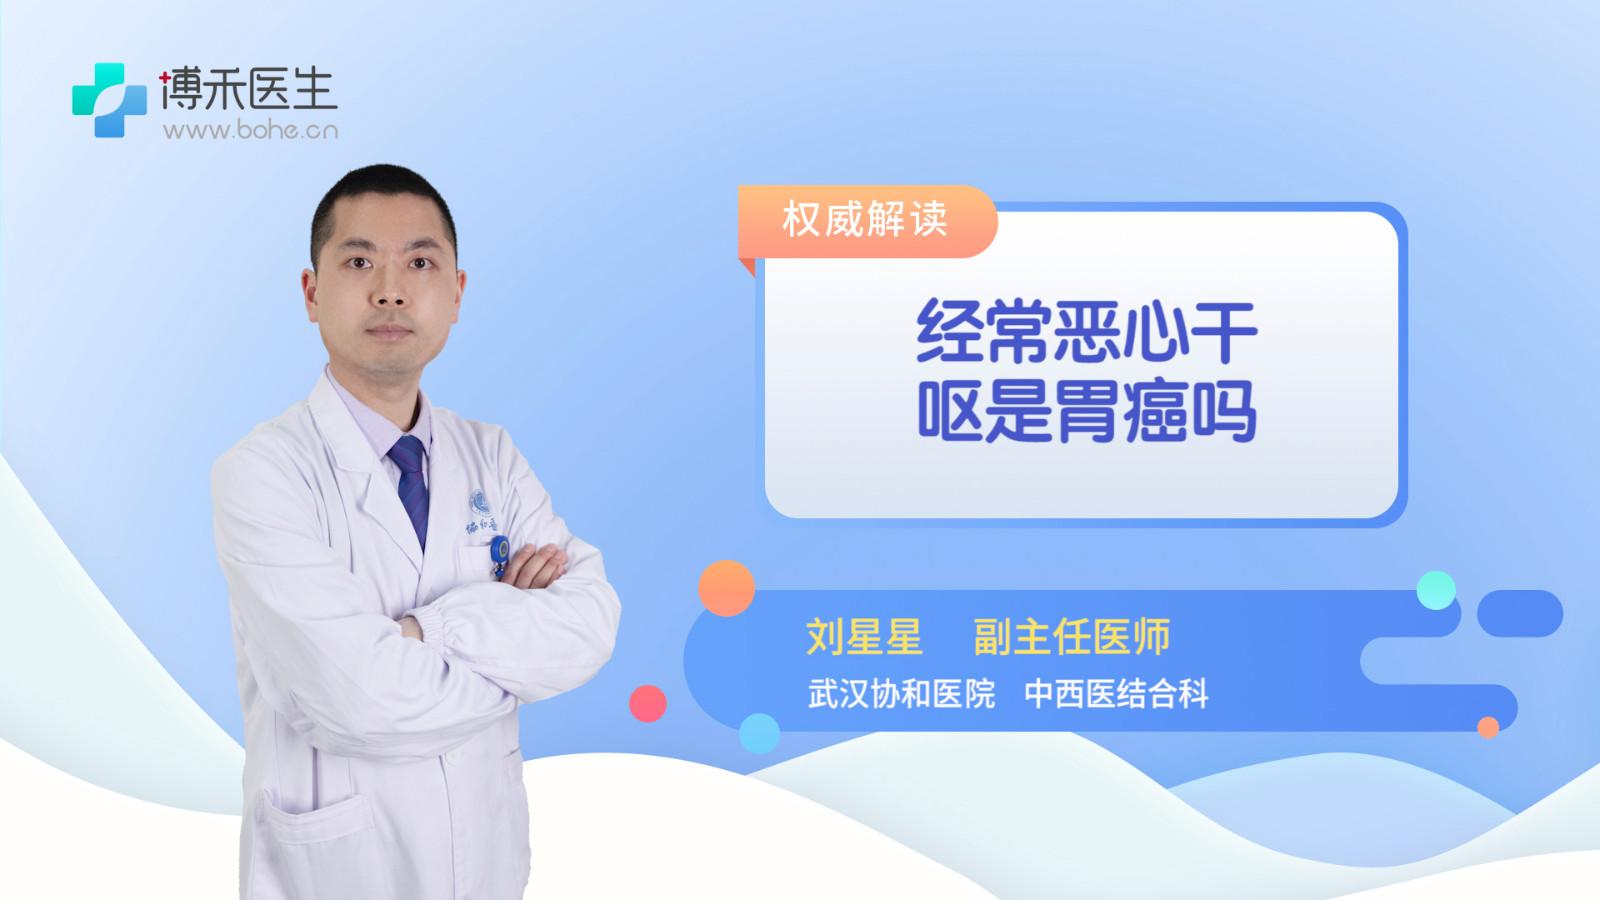 經常惡心干嘔是胃癌嗎